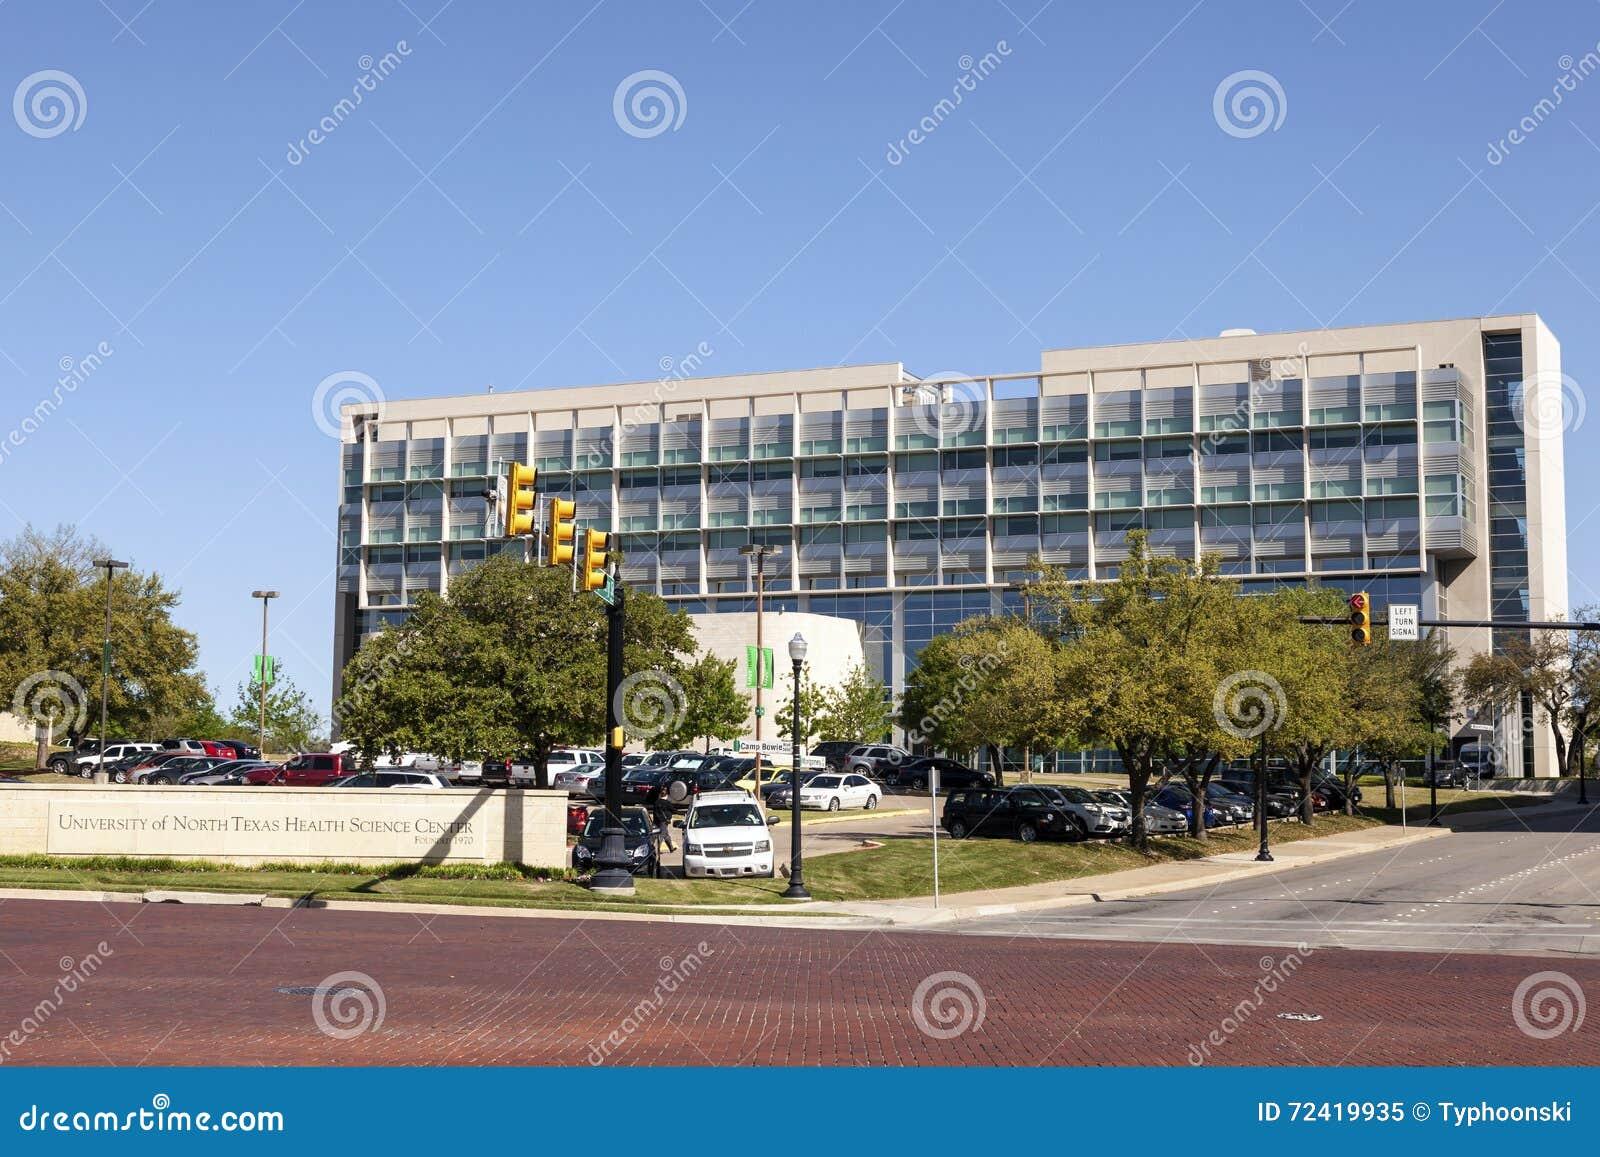 Unt Gesundheits Wissenschafts Mitte In Fort Worth Tx Usa